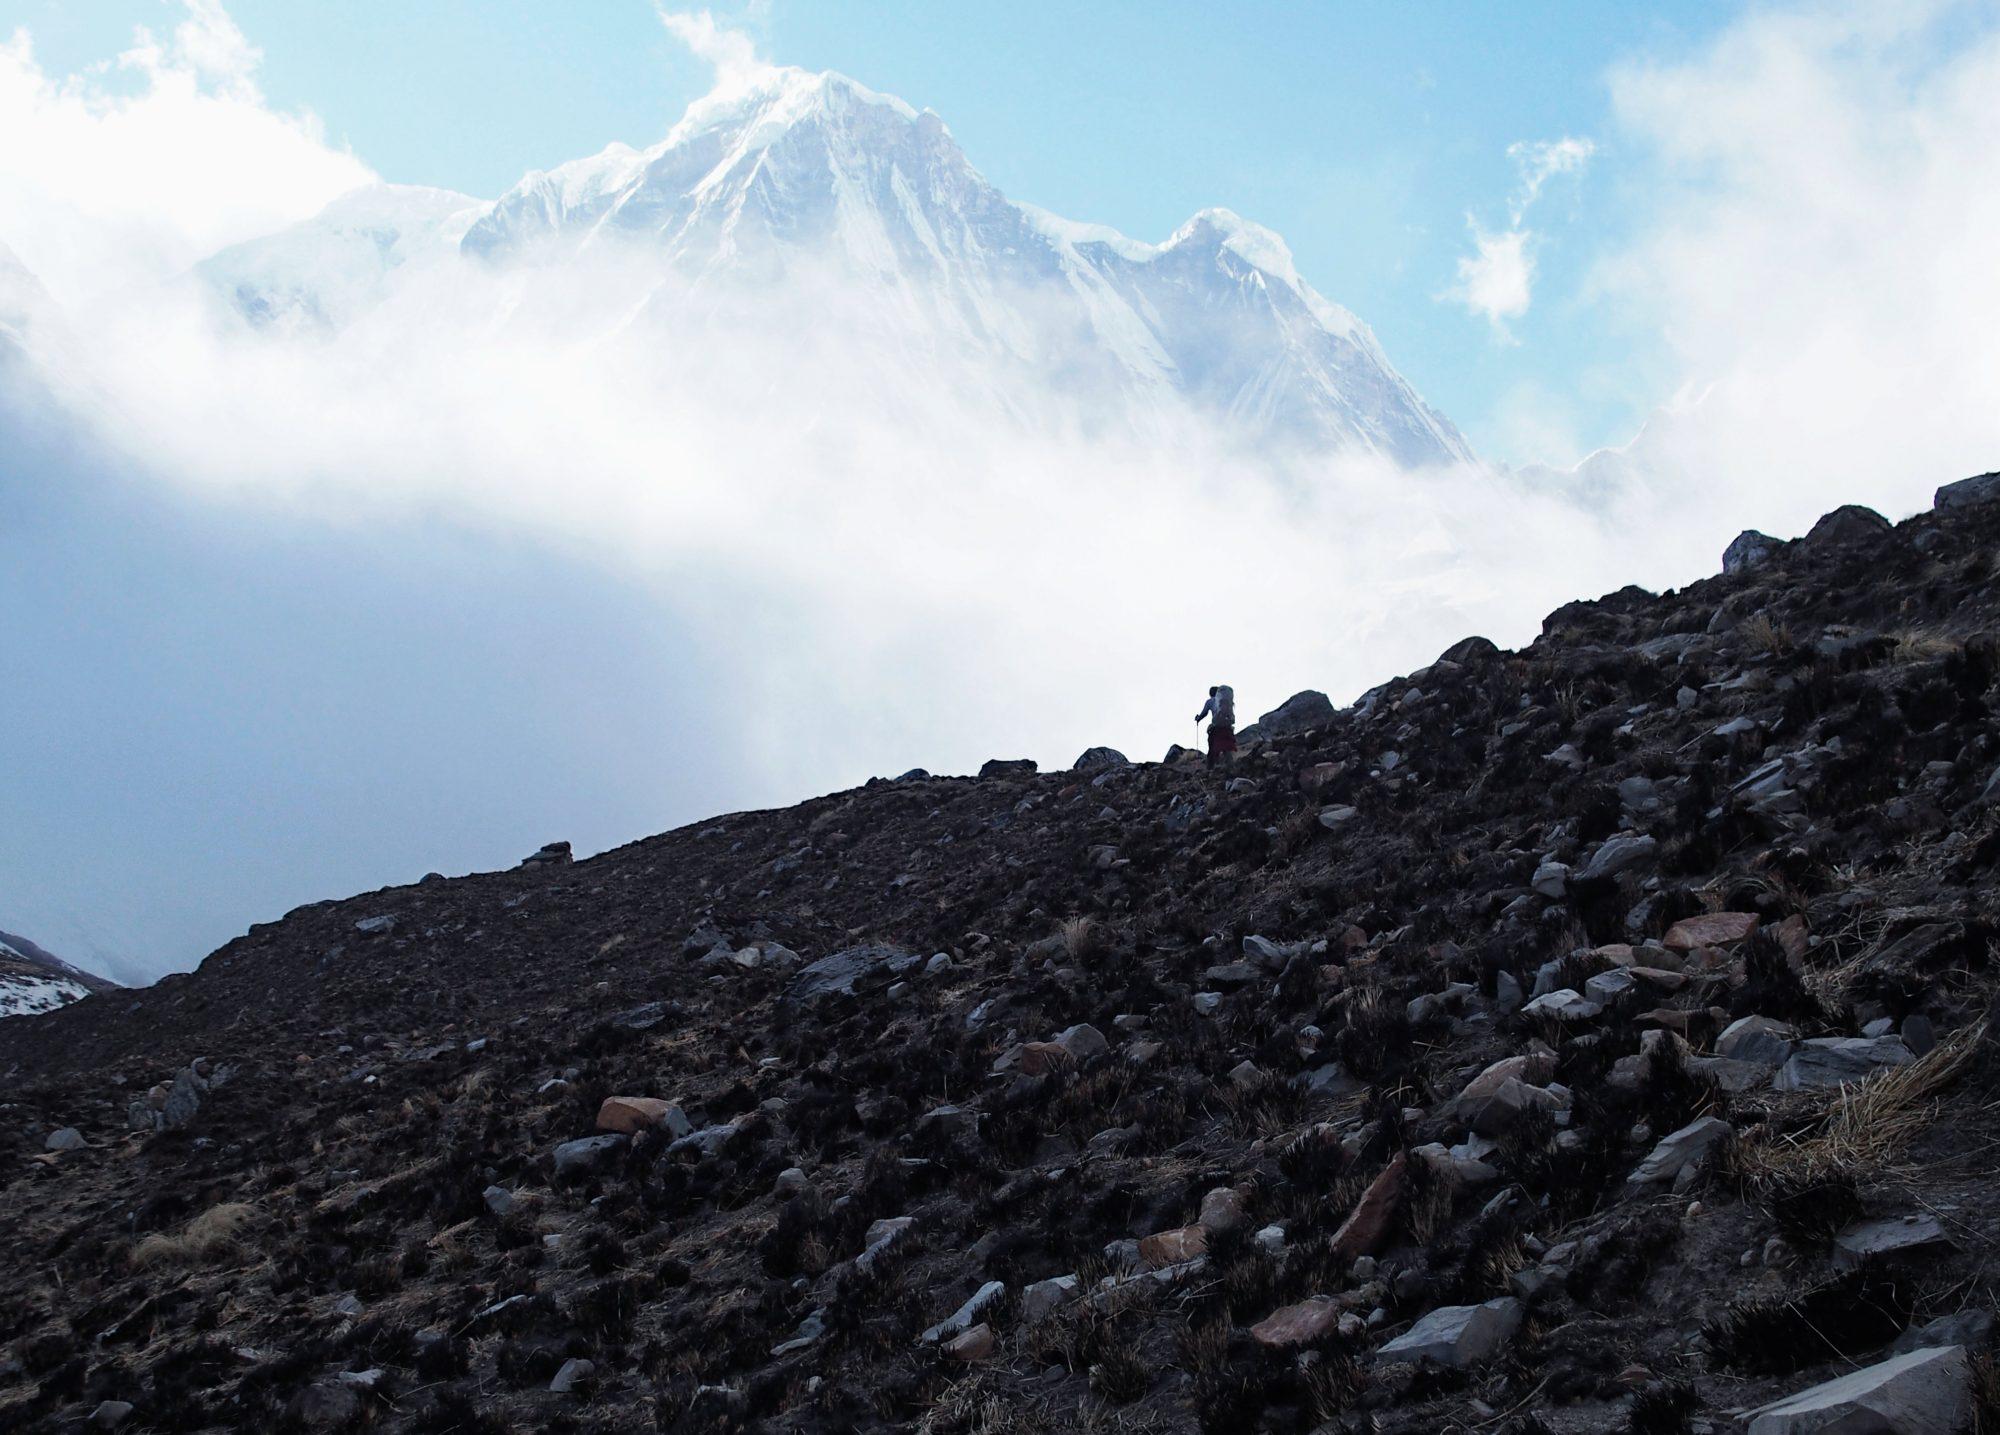 Steiniger Weg zum Annapurna Base Camp